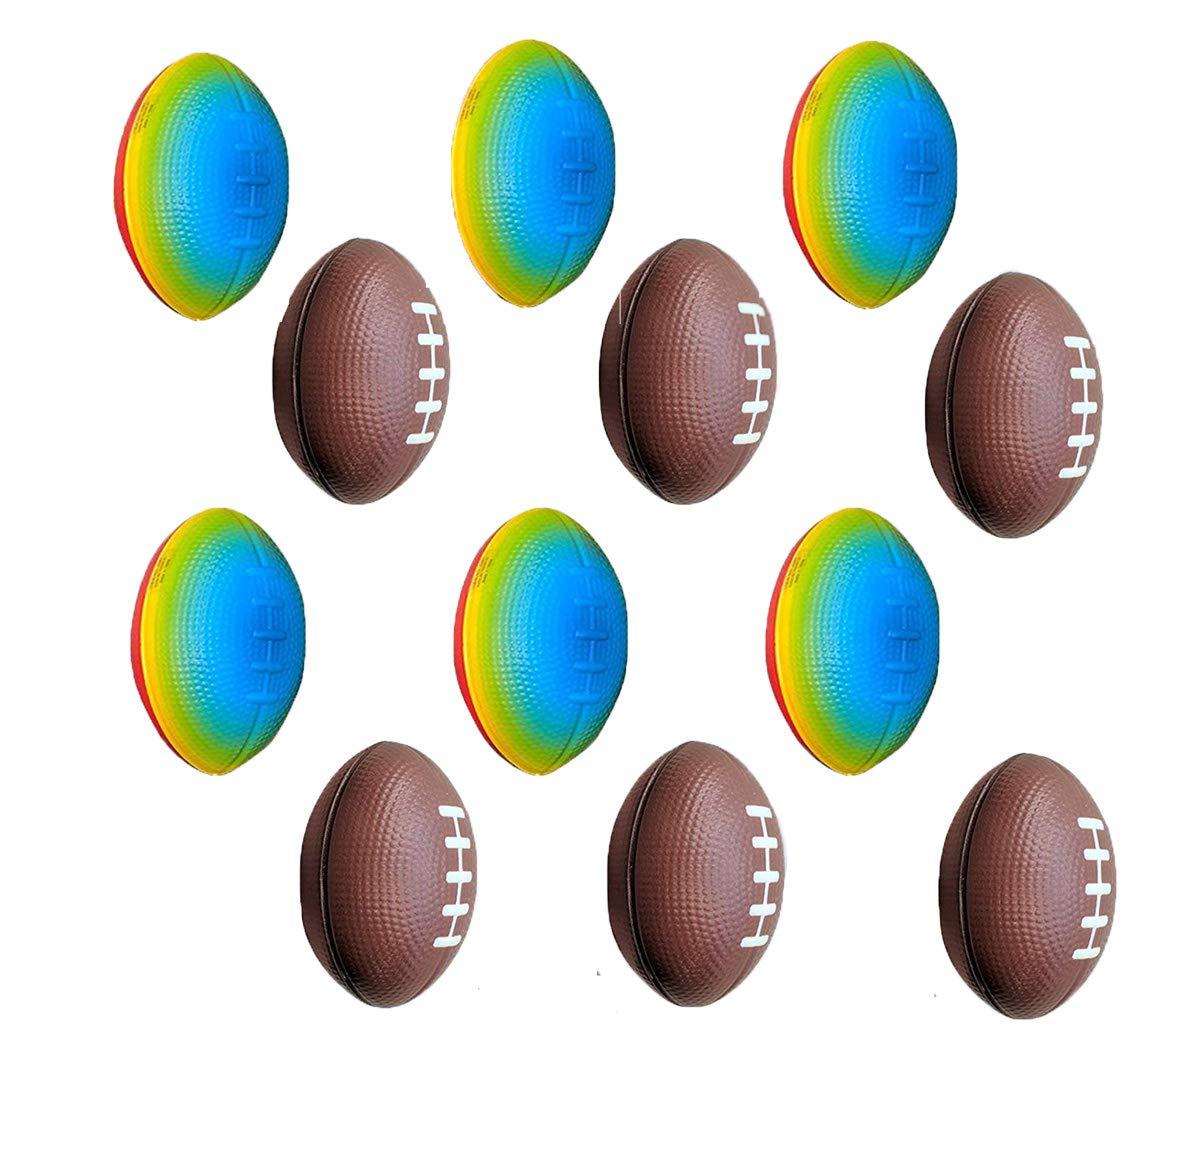 OBI Mini Bolas de fútbol de Espuma para Deportes, 1 docena a ...